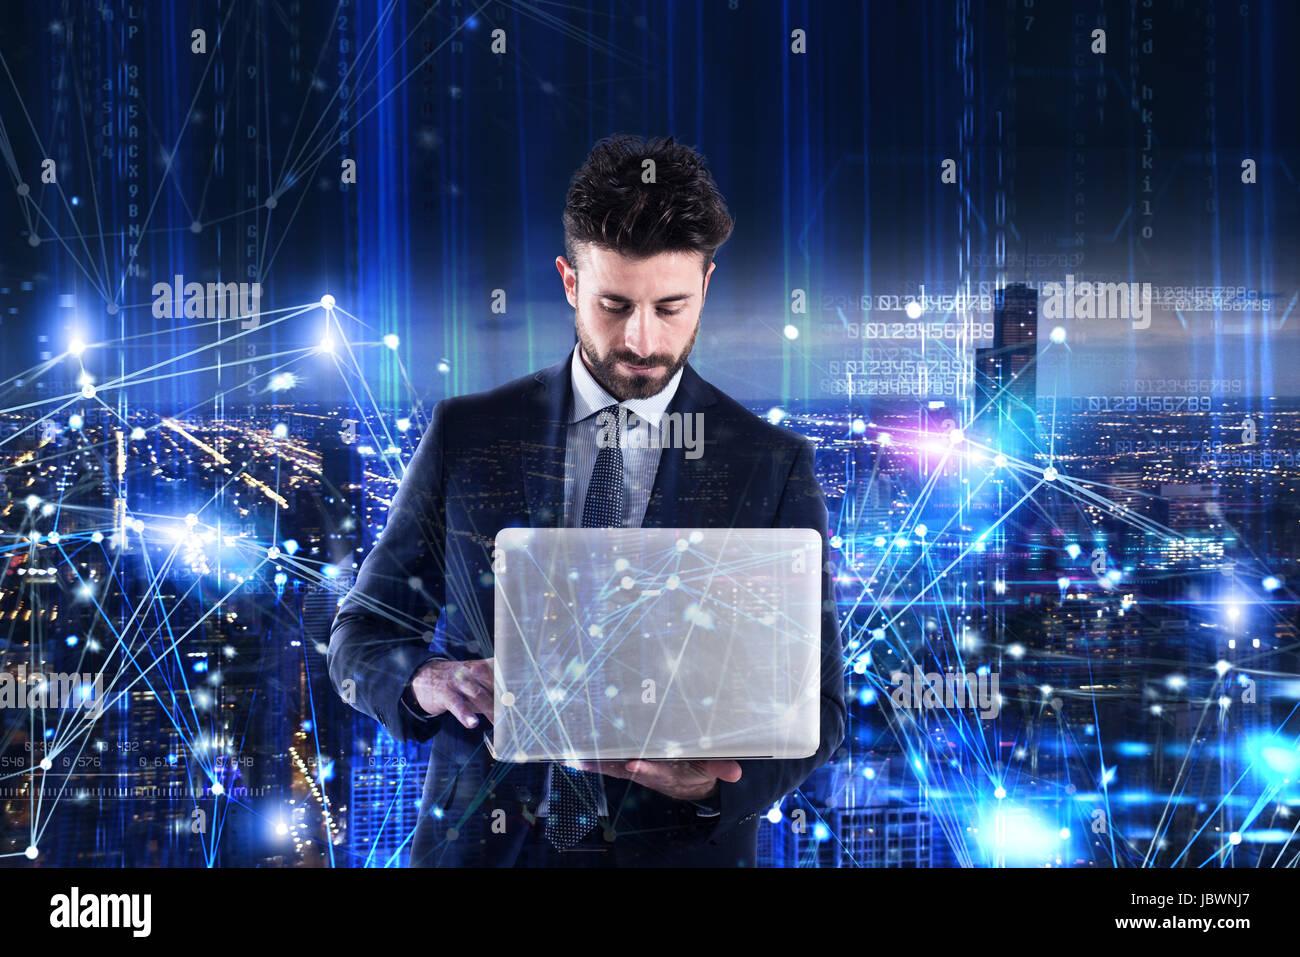 Uomo al lavoro su un notebook. Concetto di analisi del software Immagini Stock